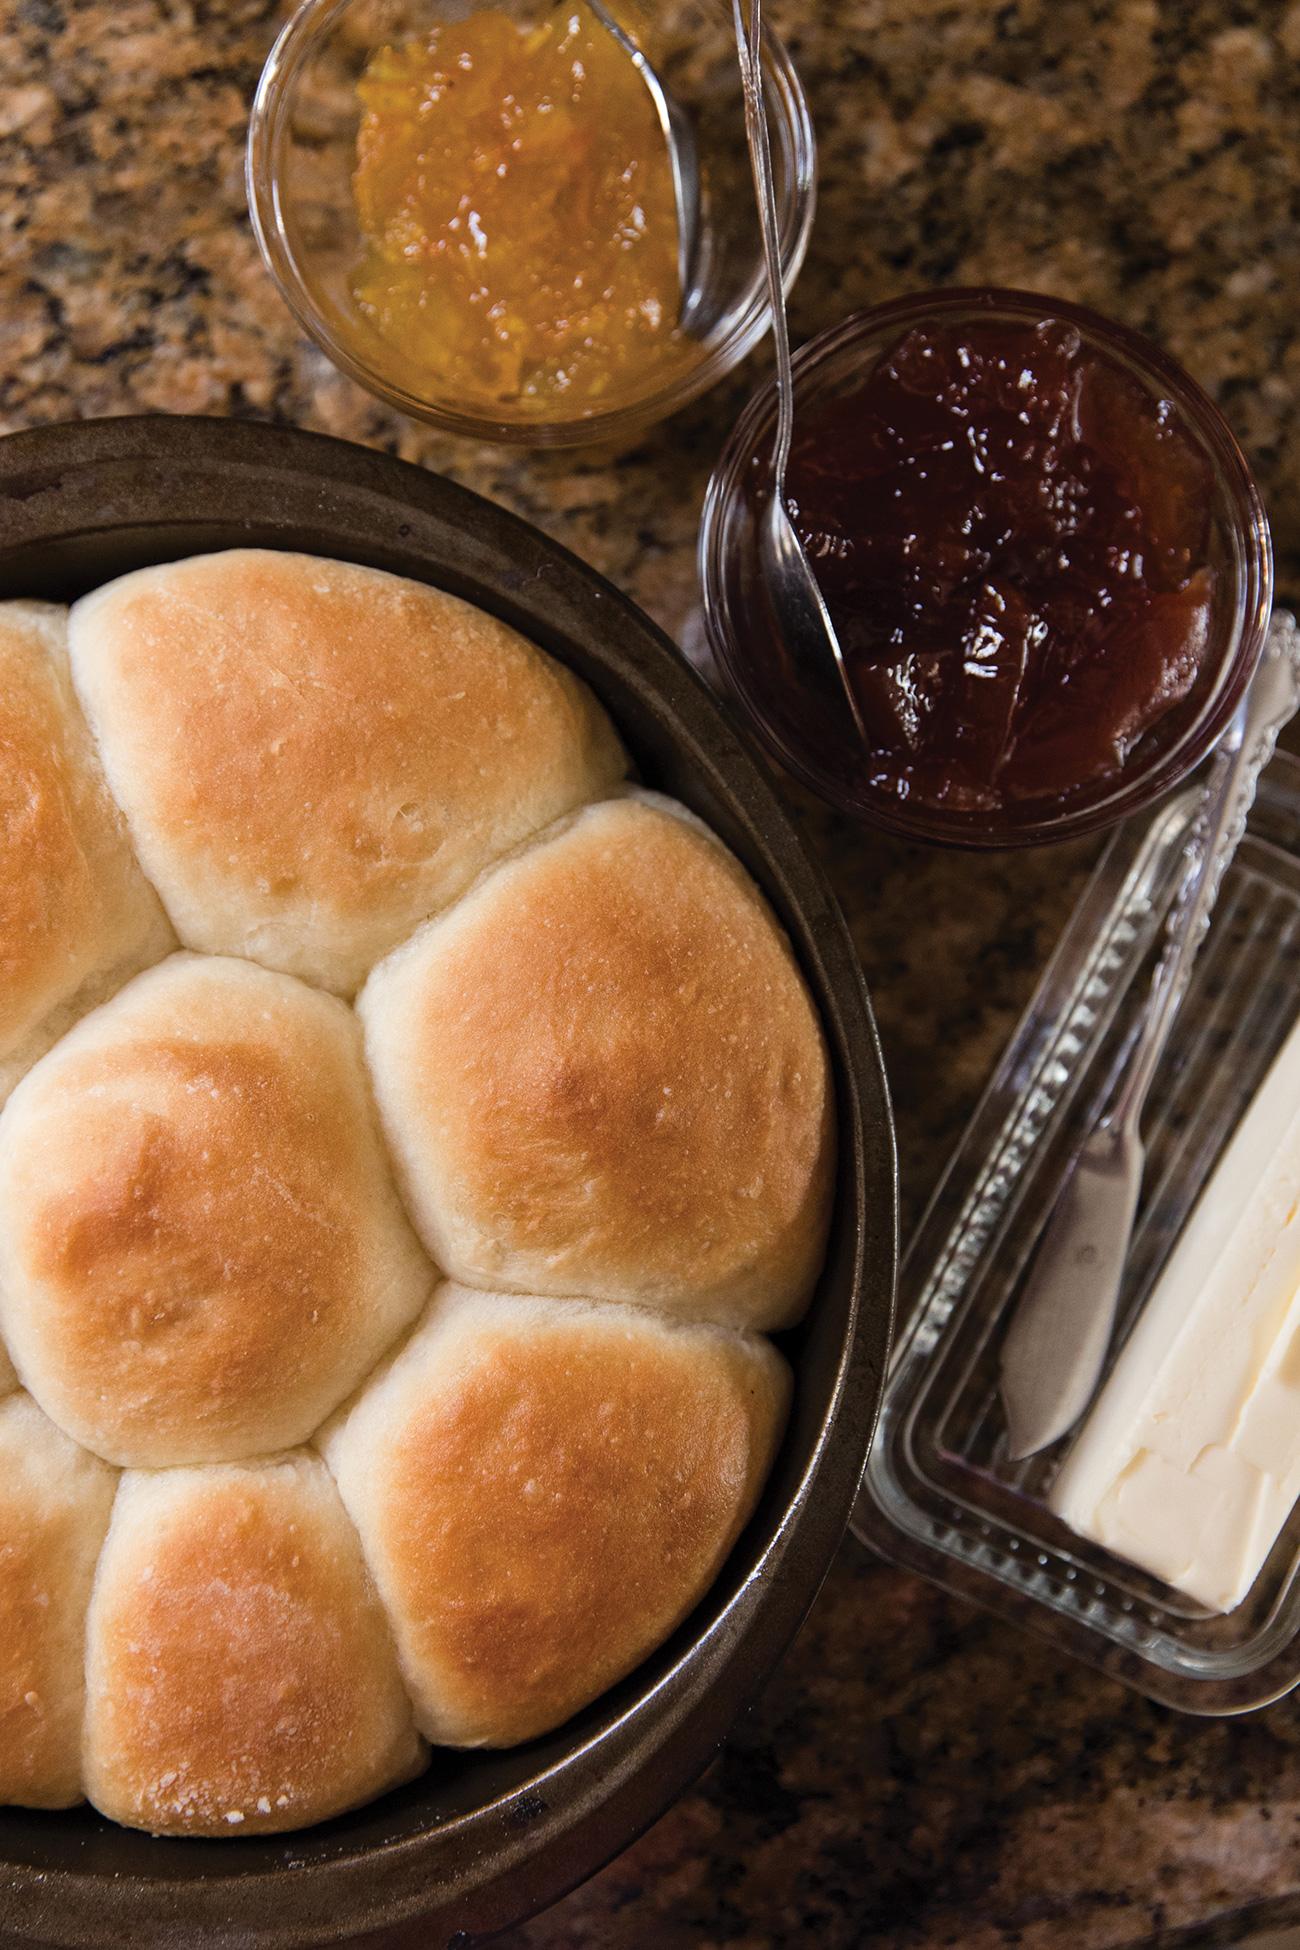 pan of yeast rolls